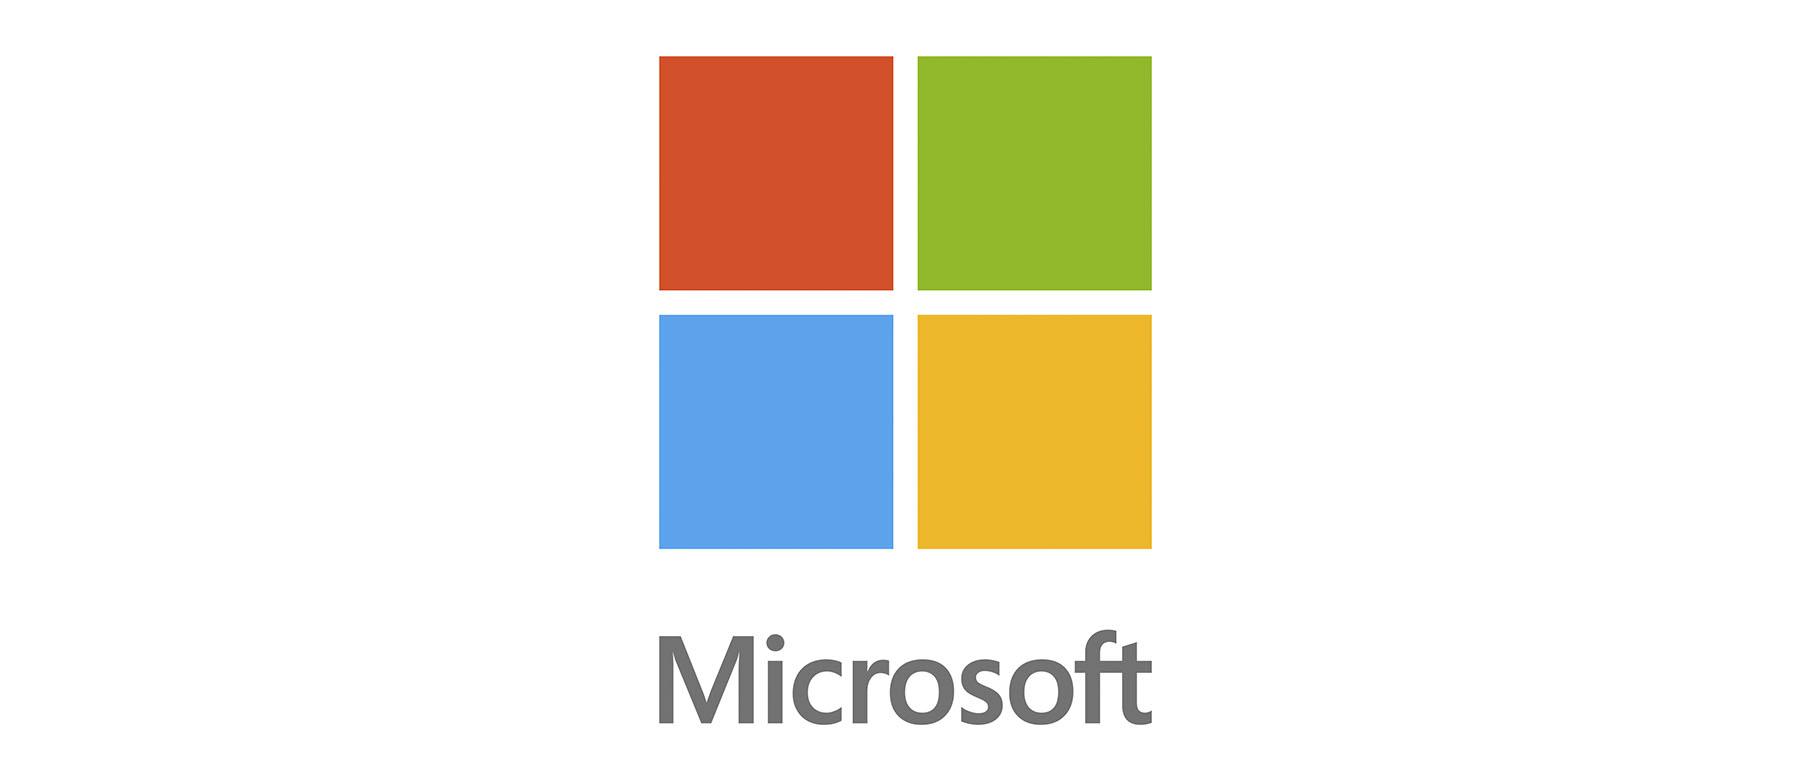 Картинки майкрософт на официальном сайте